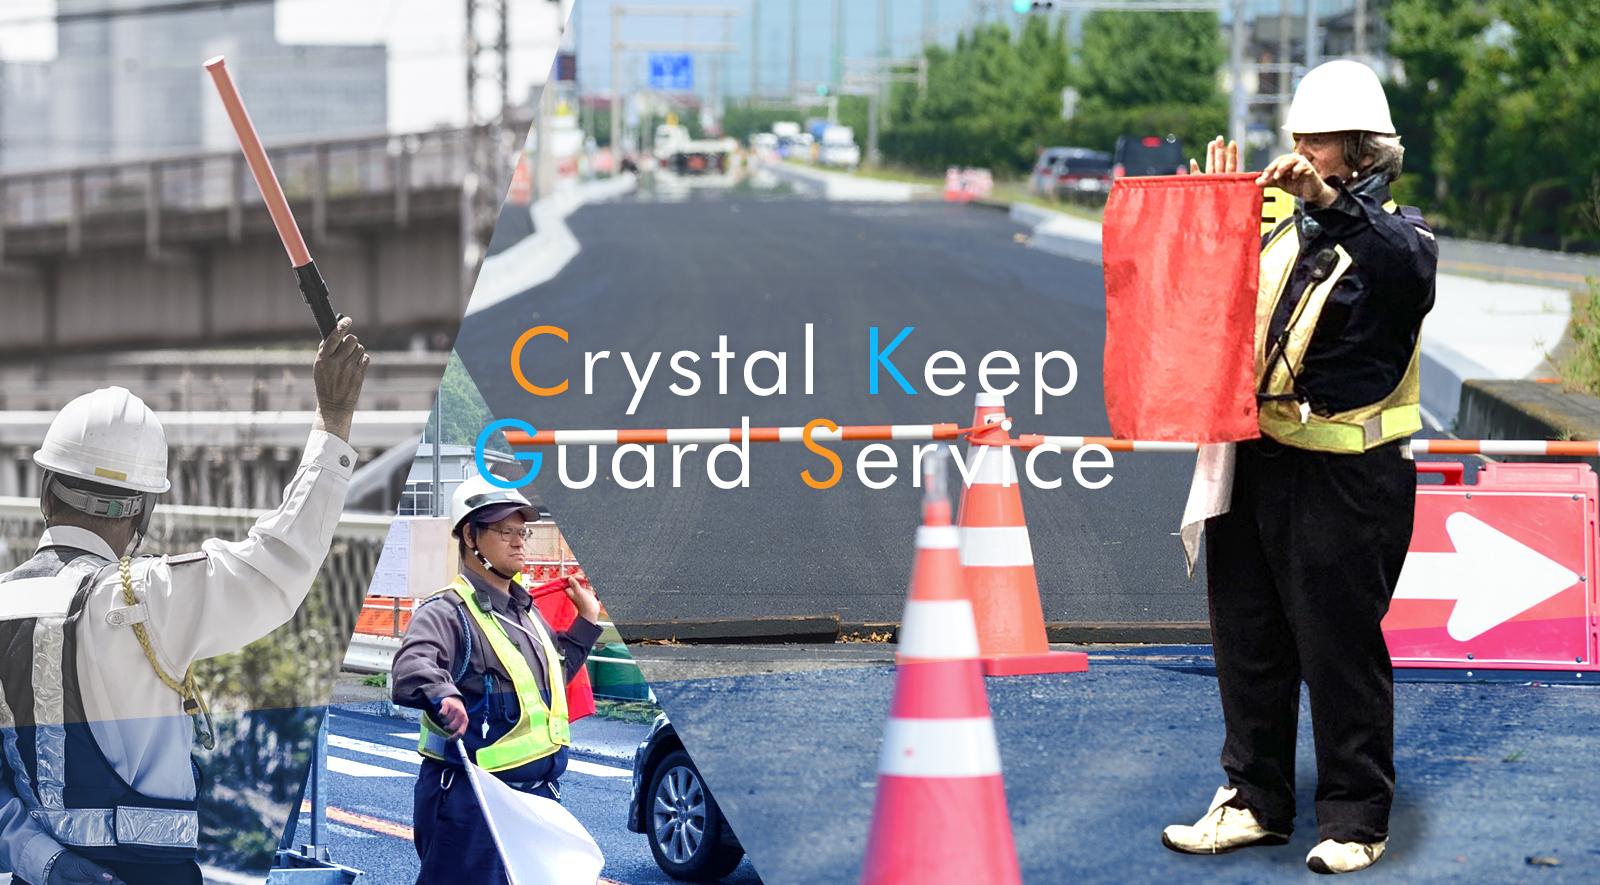 Crystal Keep Guard Service